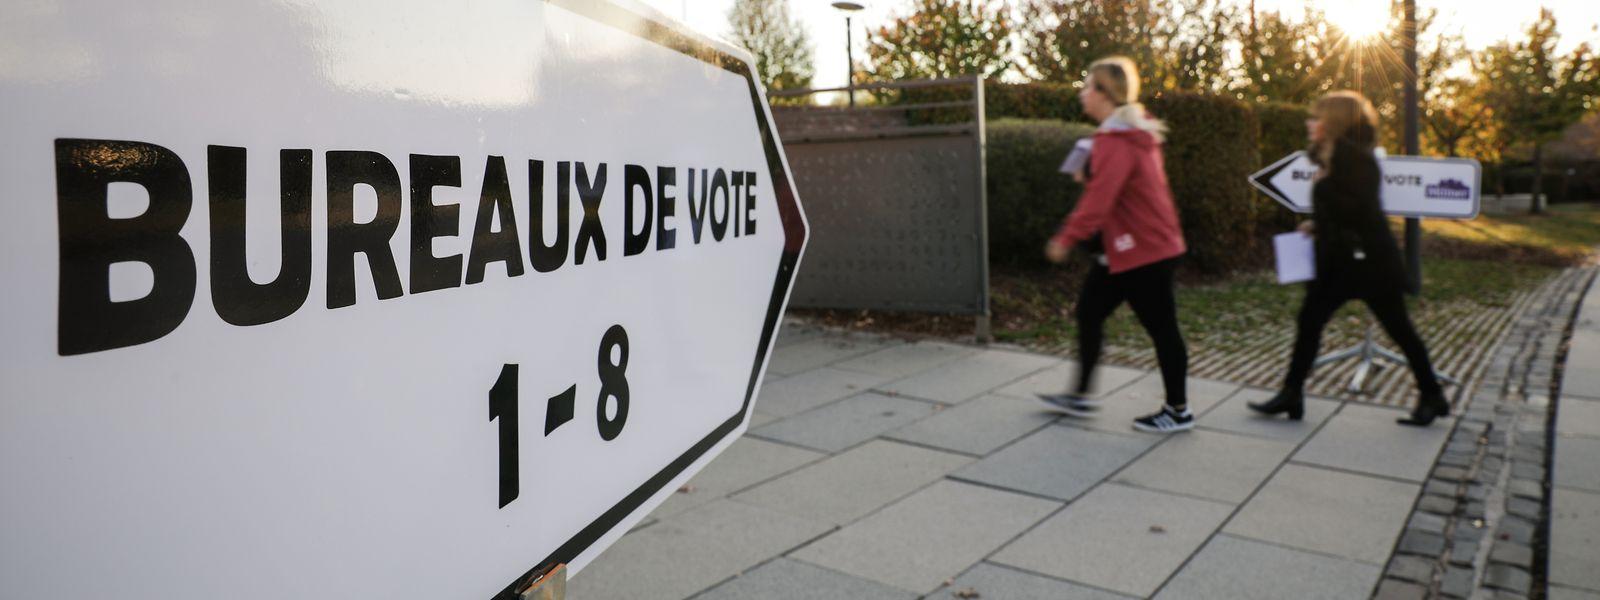 Les dotations sont basées sur les scores des partis aux différentes élections, législatives et européennes.